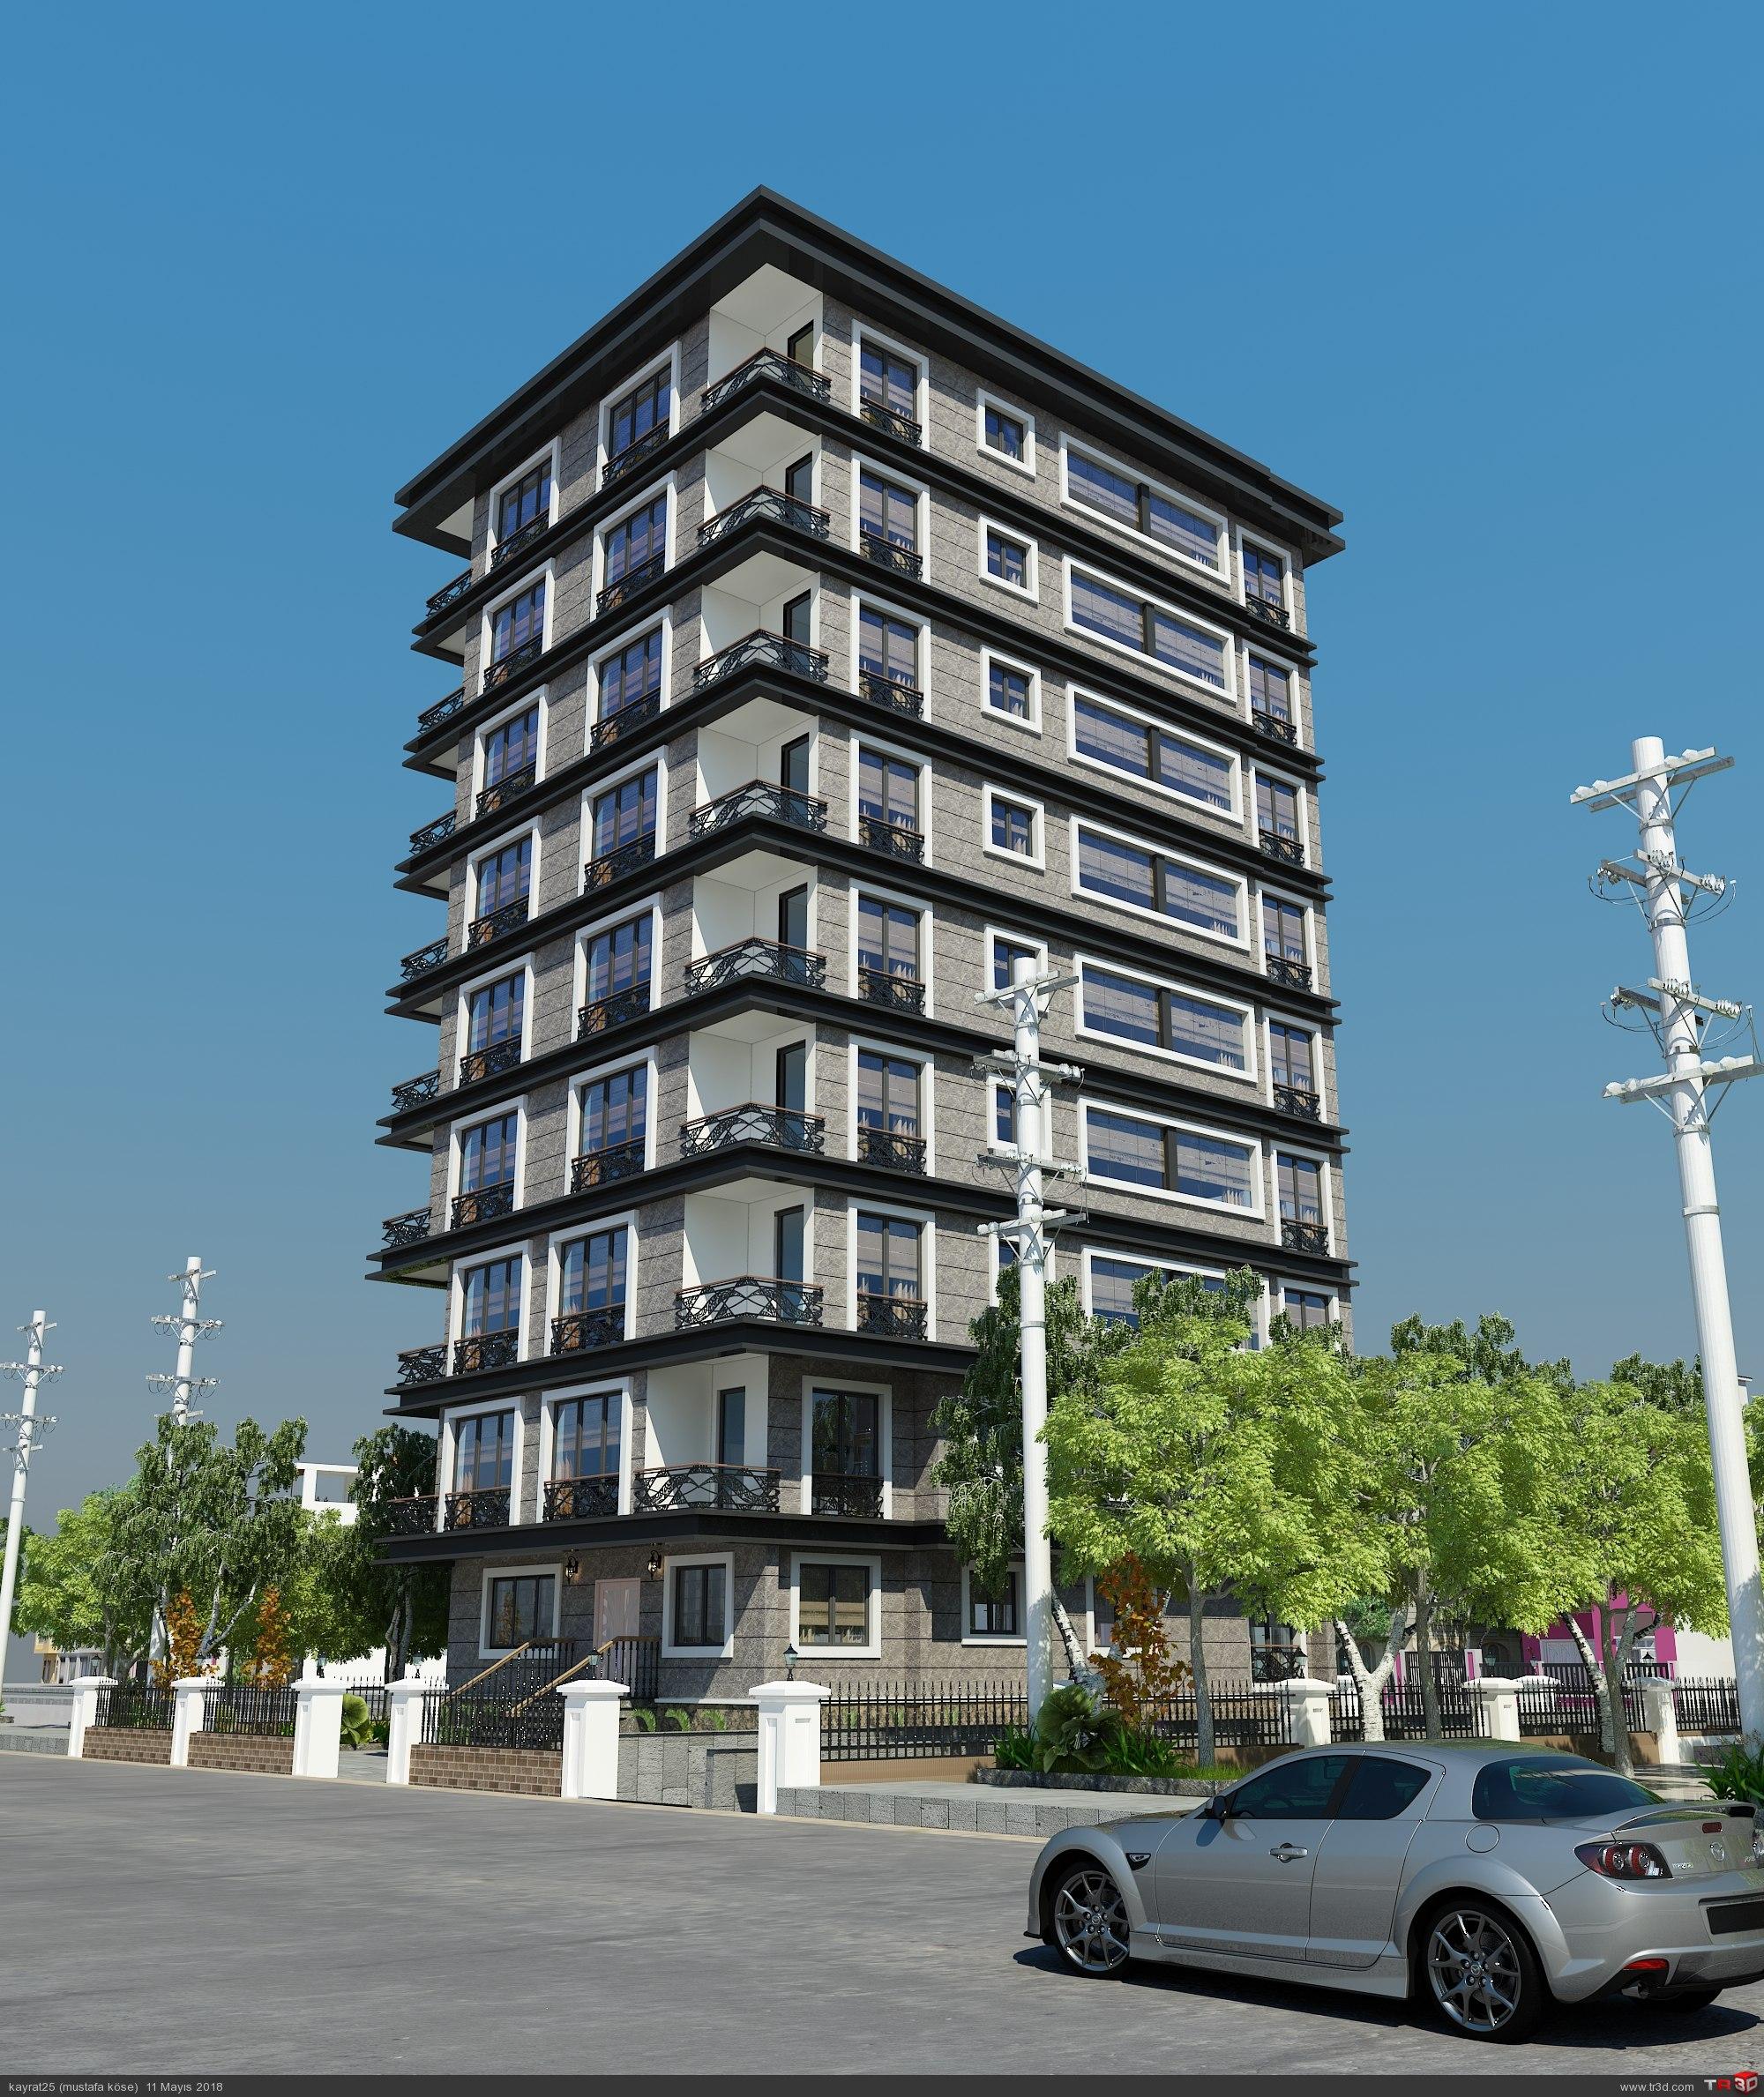 İstanbulda yapılacak bir proje 2